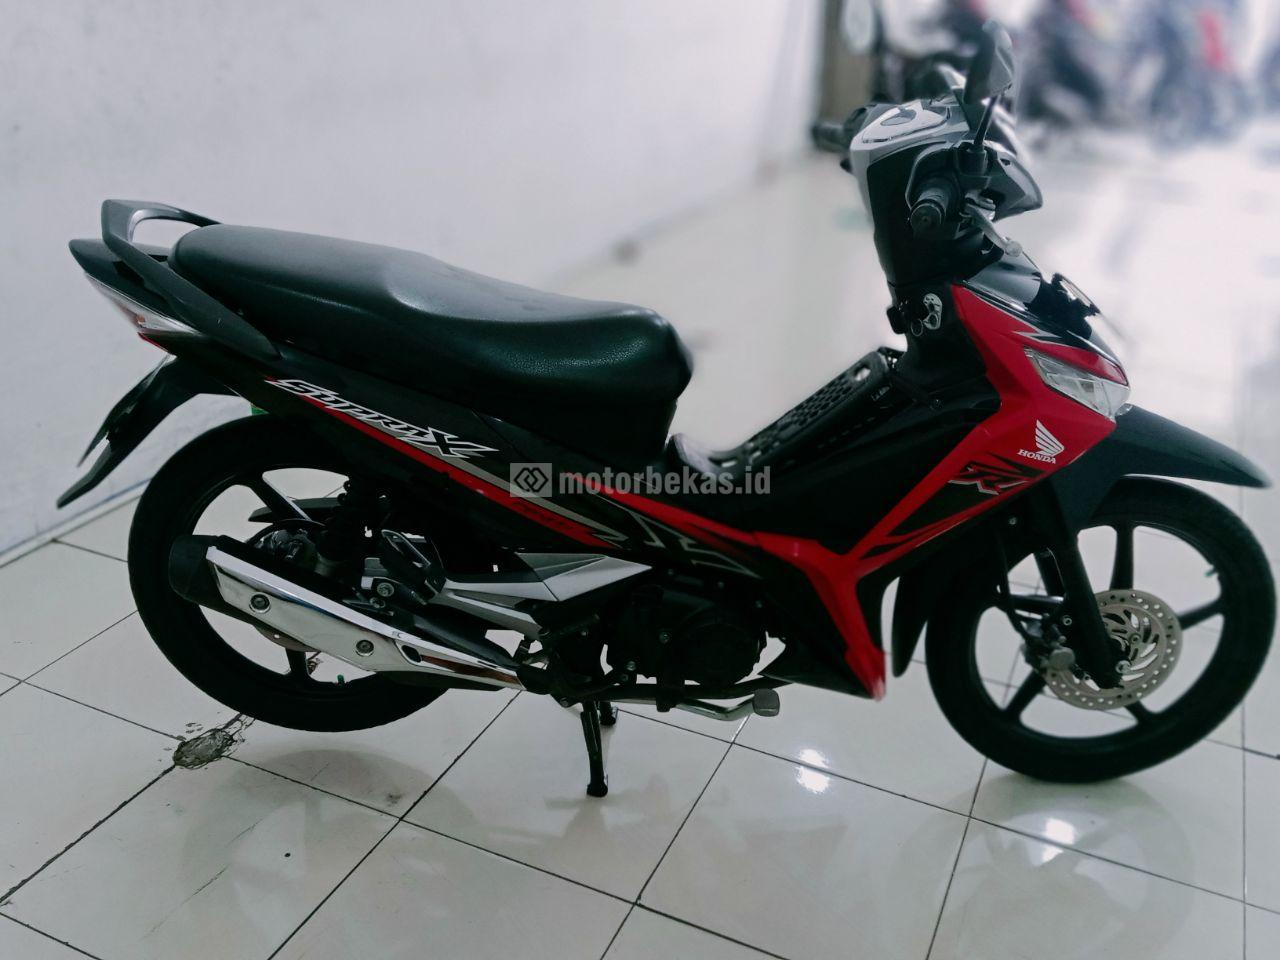 HONDA SUPRA X 125 FI 1566 motorbekas.id